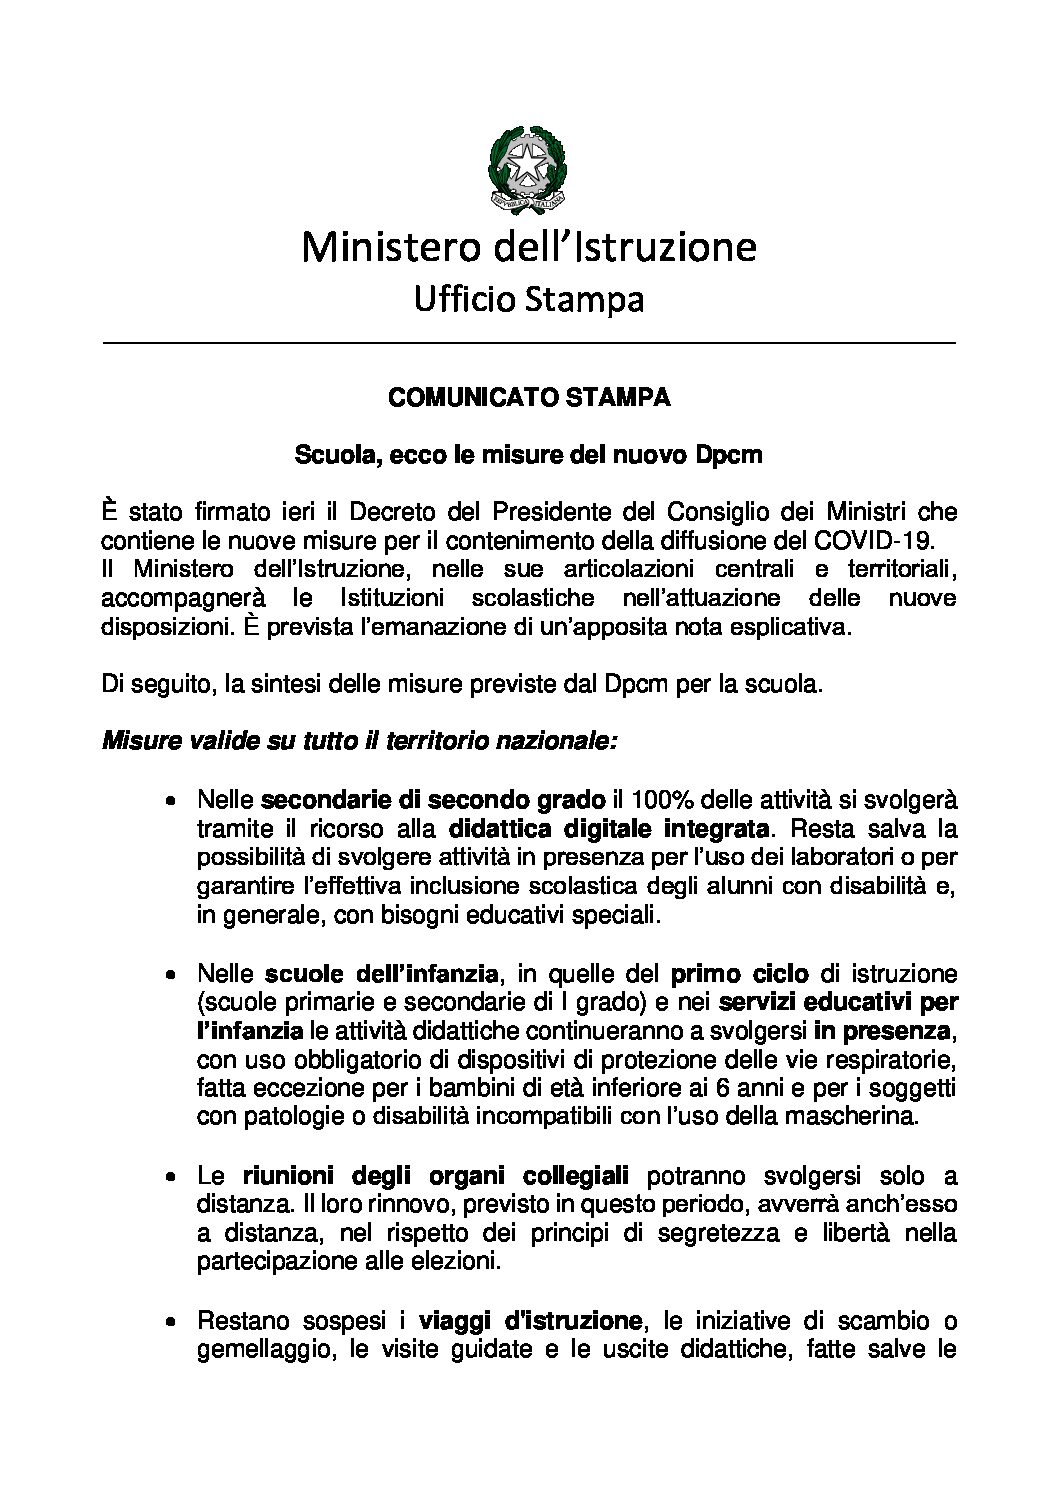 COMUNICATO STAMPA Scuola, ecco le misure del nuovo Dpcm